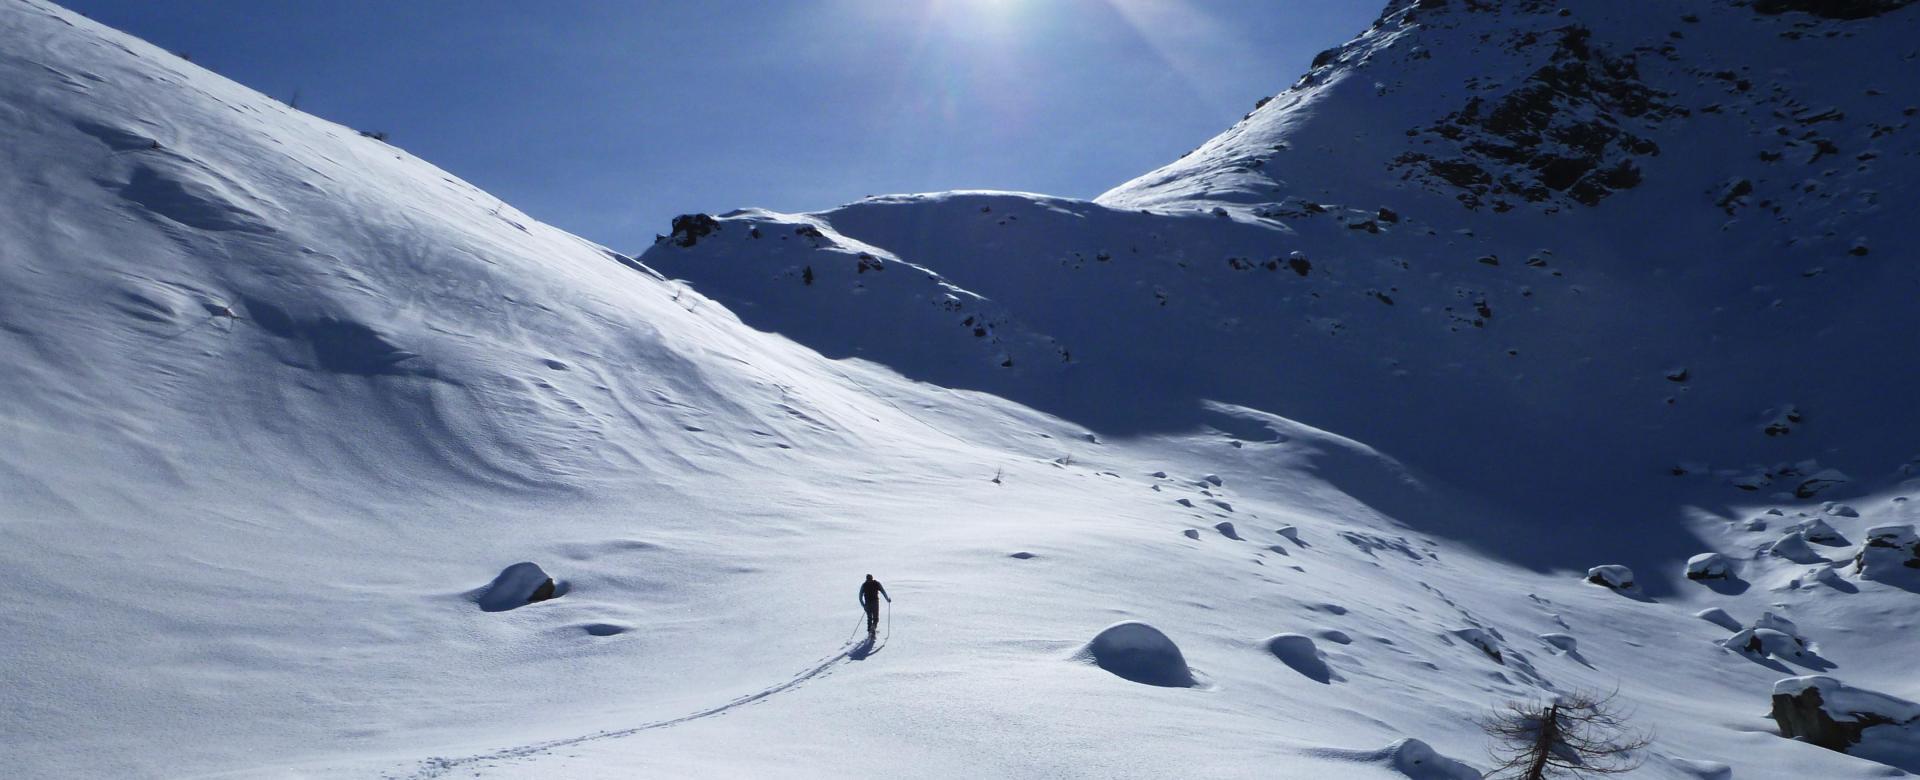 Voyage à la neige : Initiation dans le piémont italien